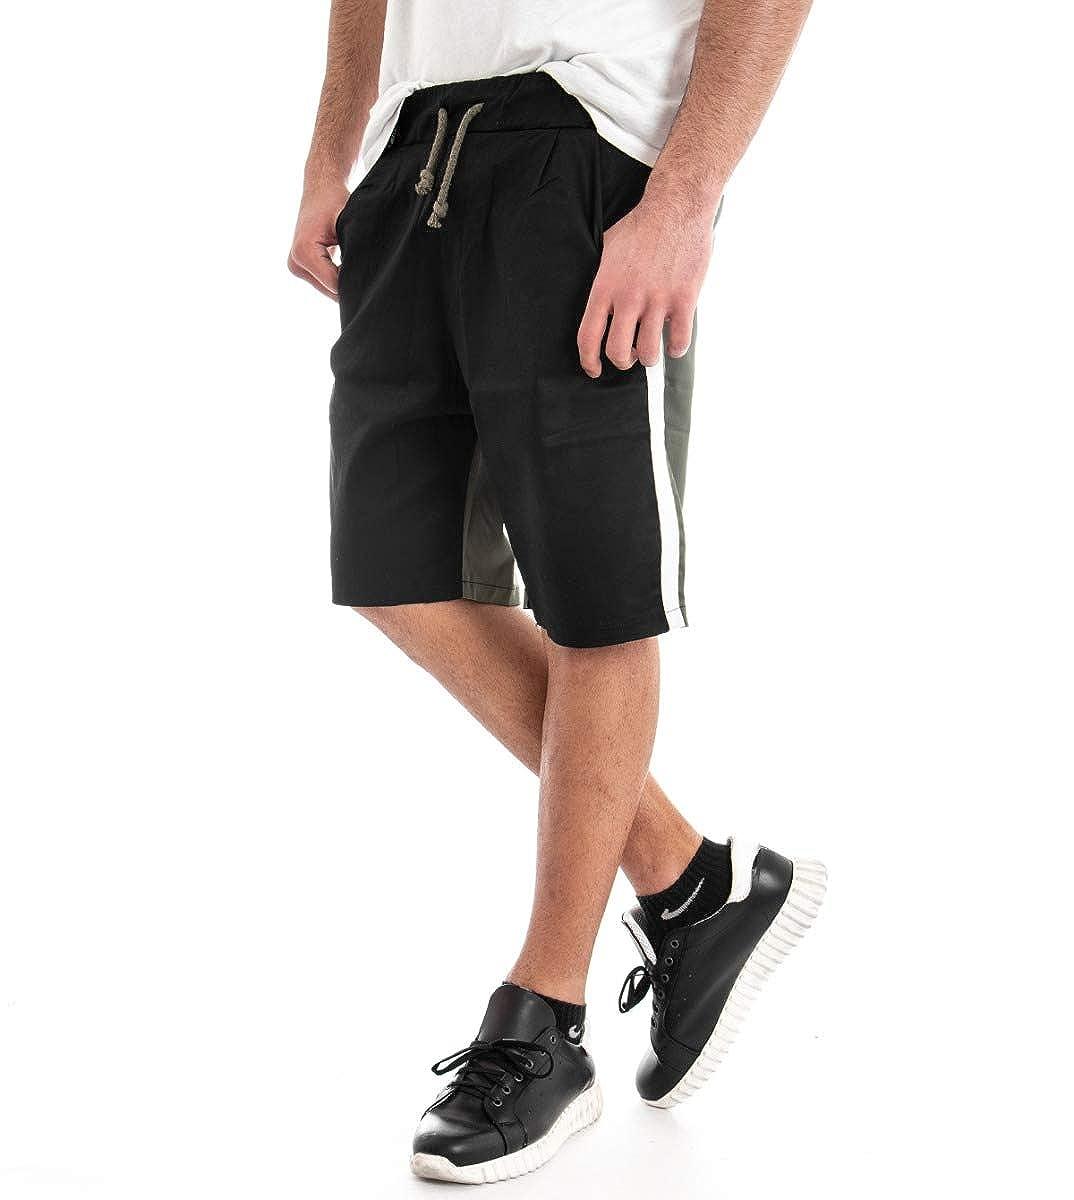 Giosal - Pantalón Corto para Hombre - Bermuda - Chándal Bicolor ...